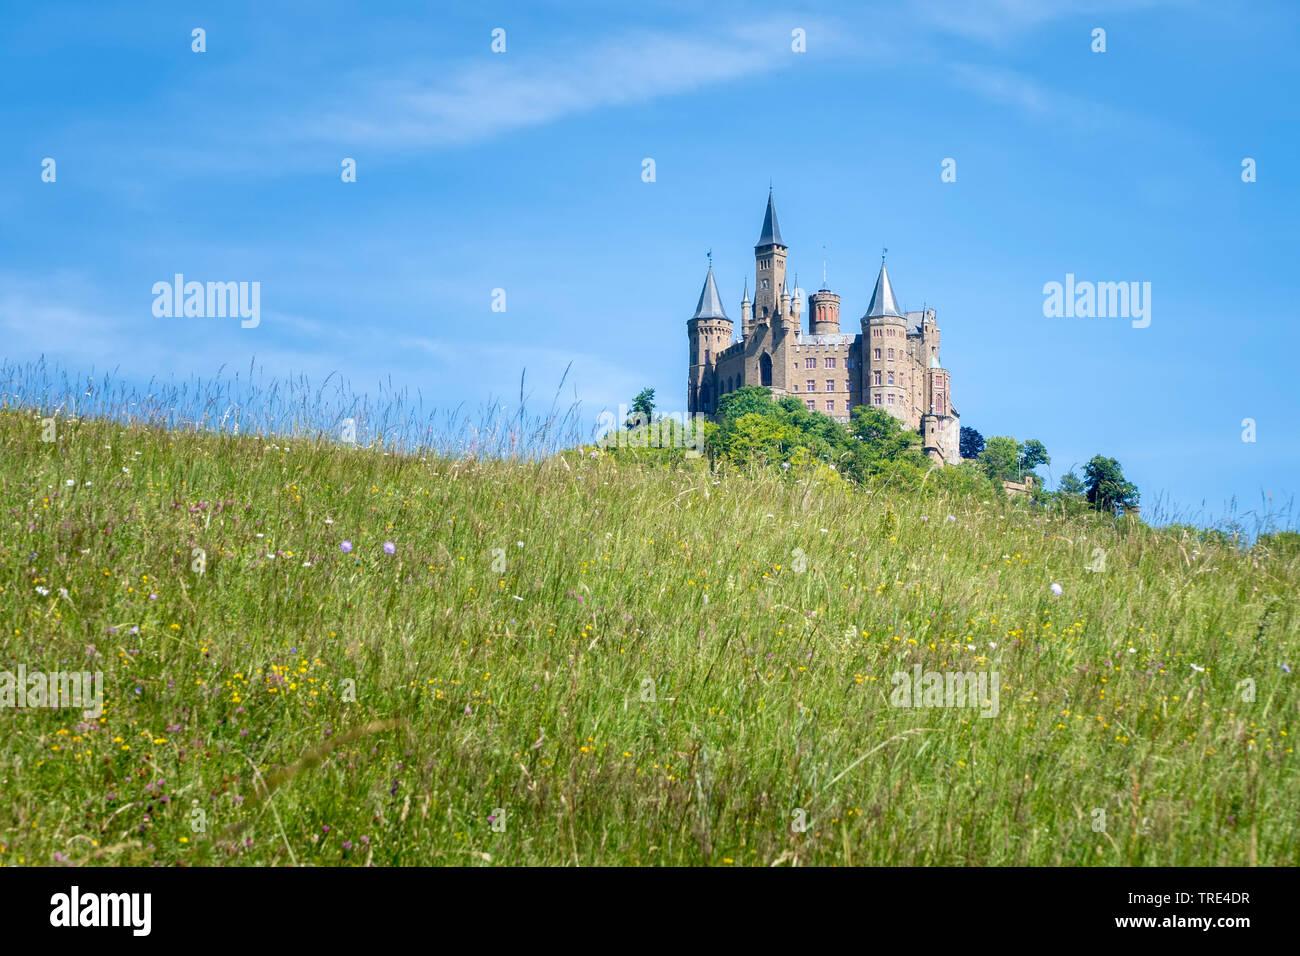 Burg Hohenzollern bei Bisisngen in Baden-Wuerttenberg, Deutschland, Baden-Wuerttemberg, Bisingen | Castle Hohenzollern near by Bisingen in the state o - Stock Image